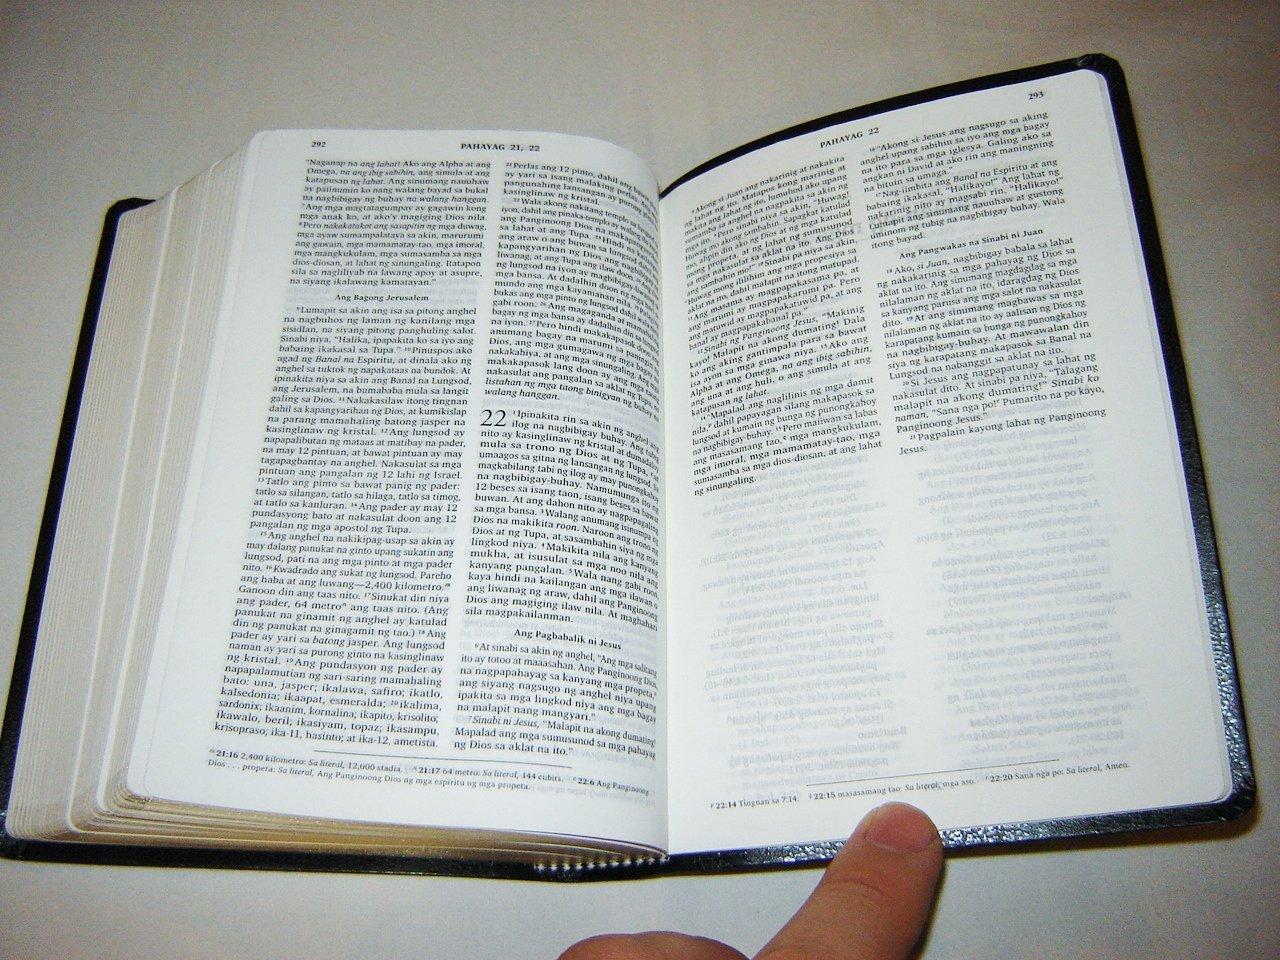 Knitting Meaning In Tagalog : Tagalog bible asd ang salita ng dios modern niv philippine